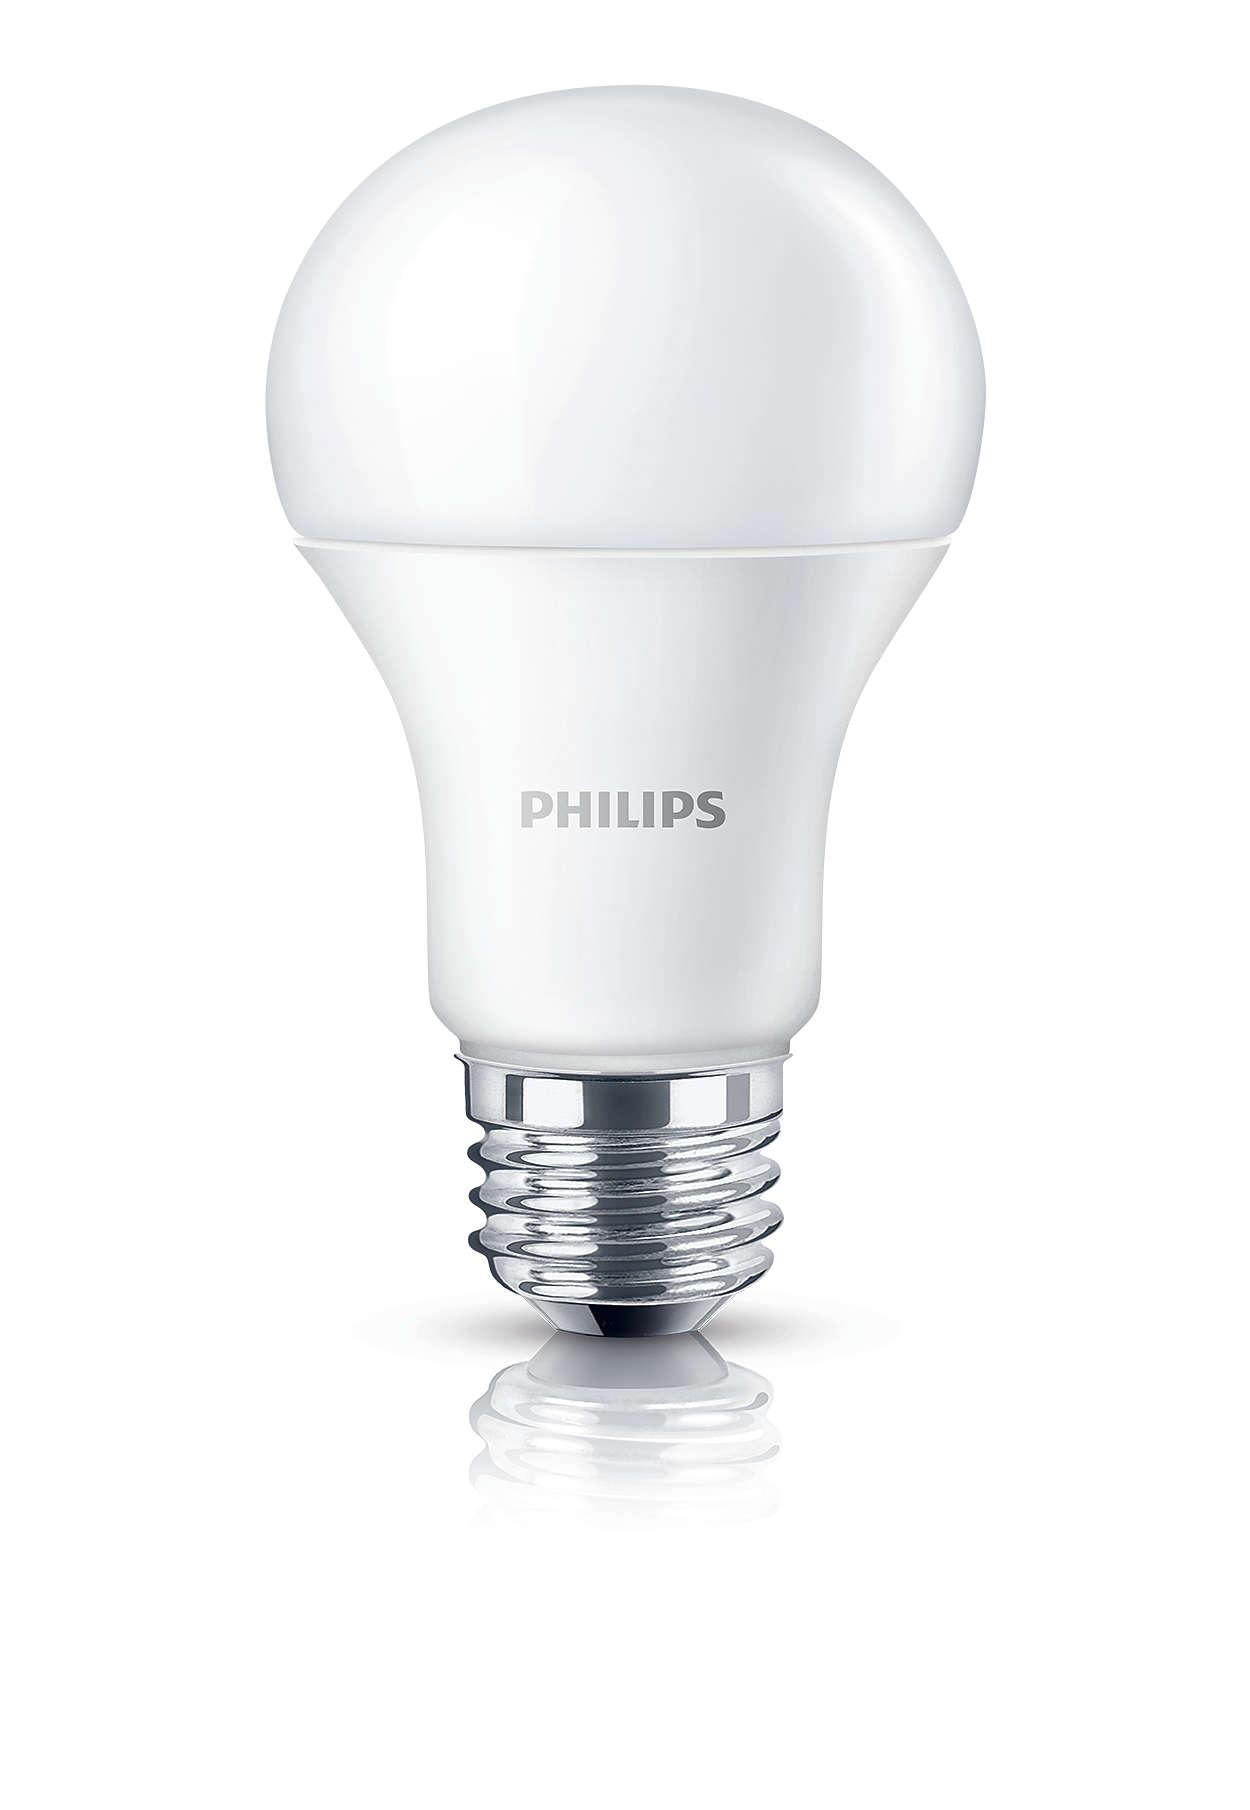 Für perfekte Lichtqualität